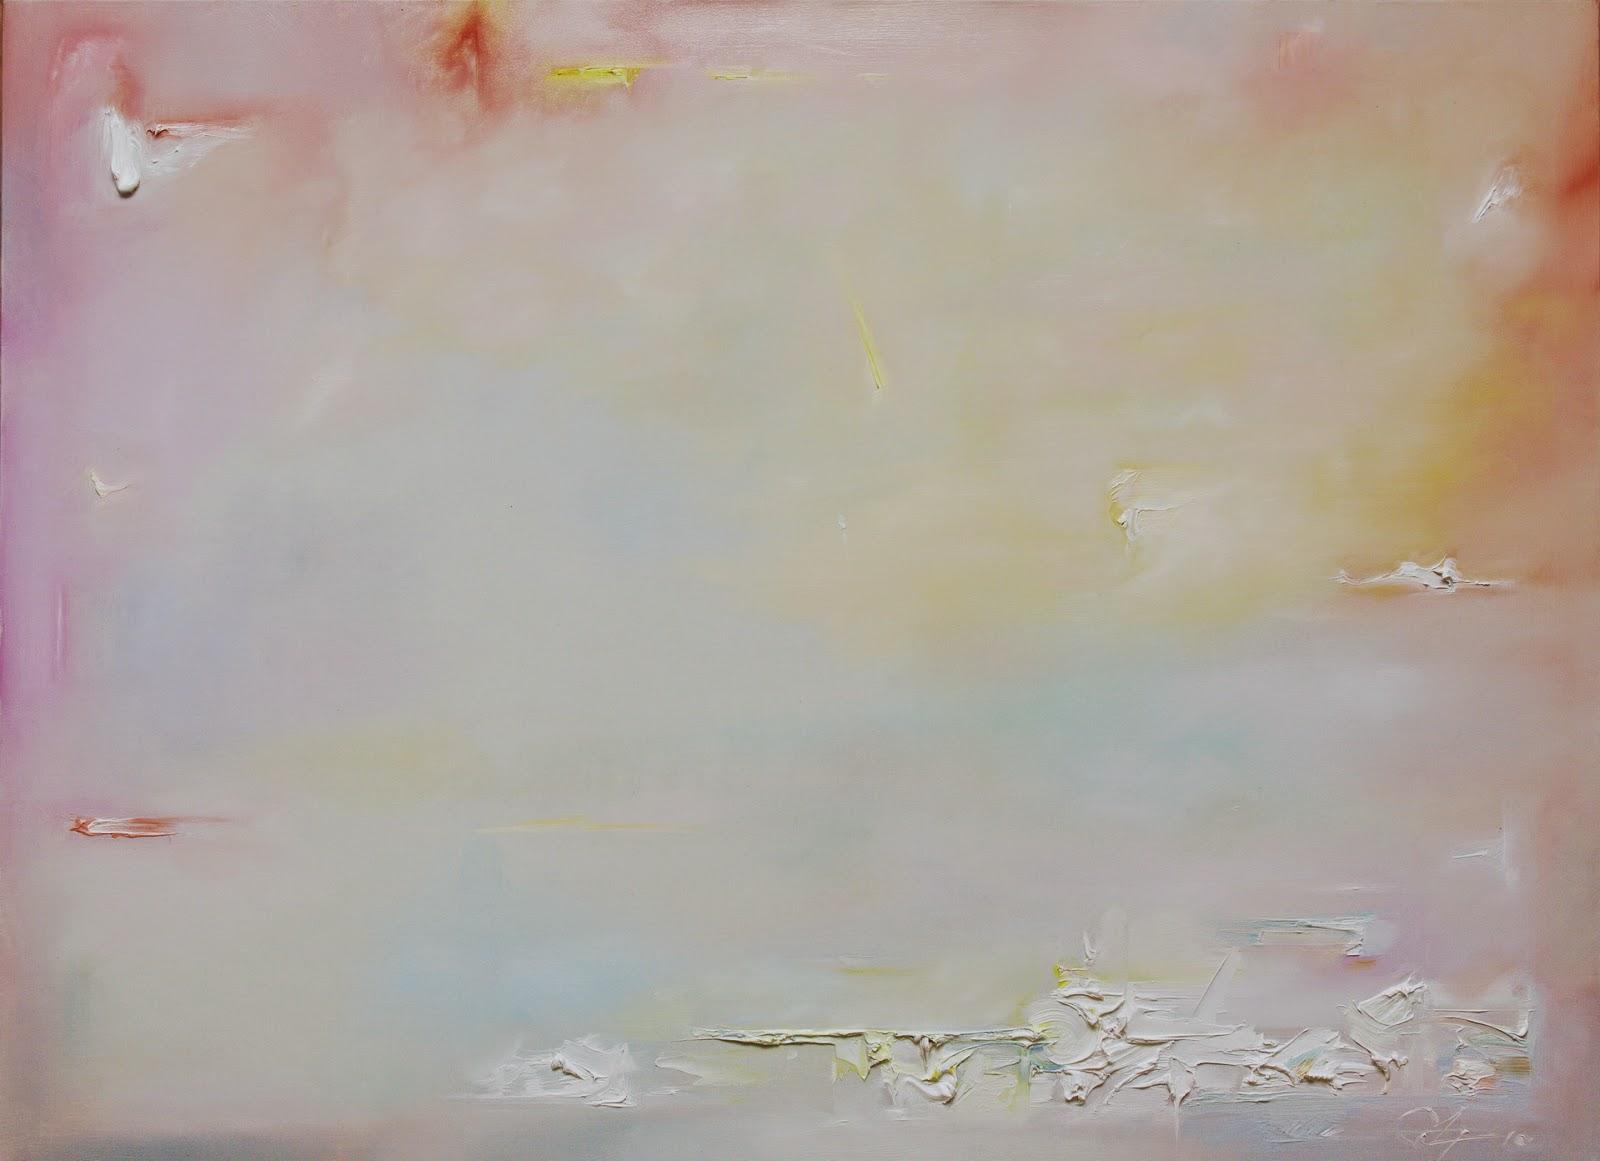 Obraz abstrakcyjny, delikatny, w pastelowych barwach, do sypialni